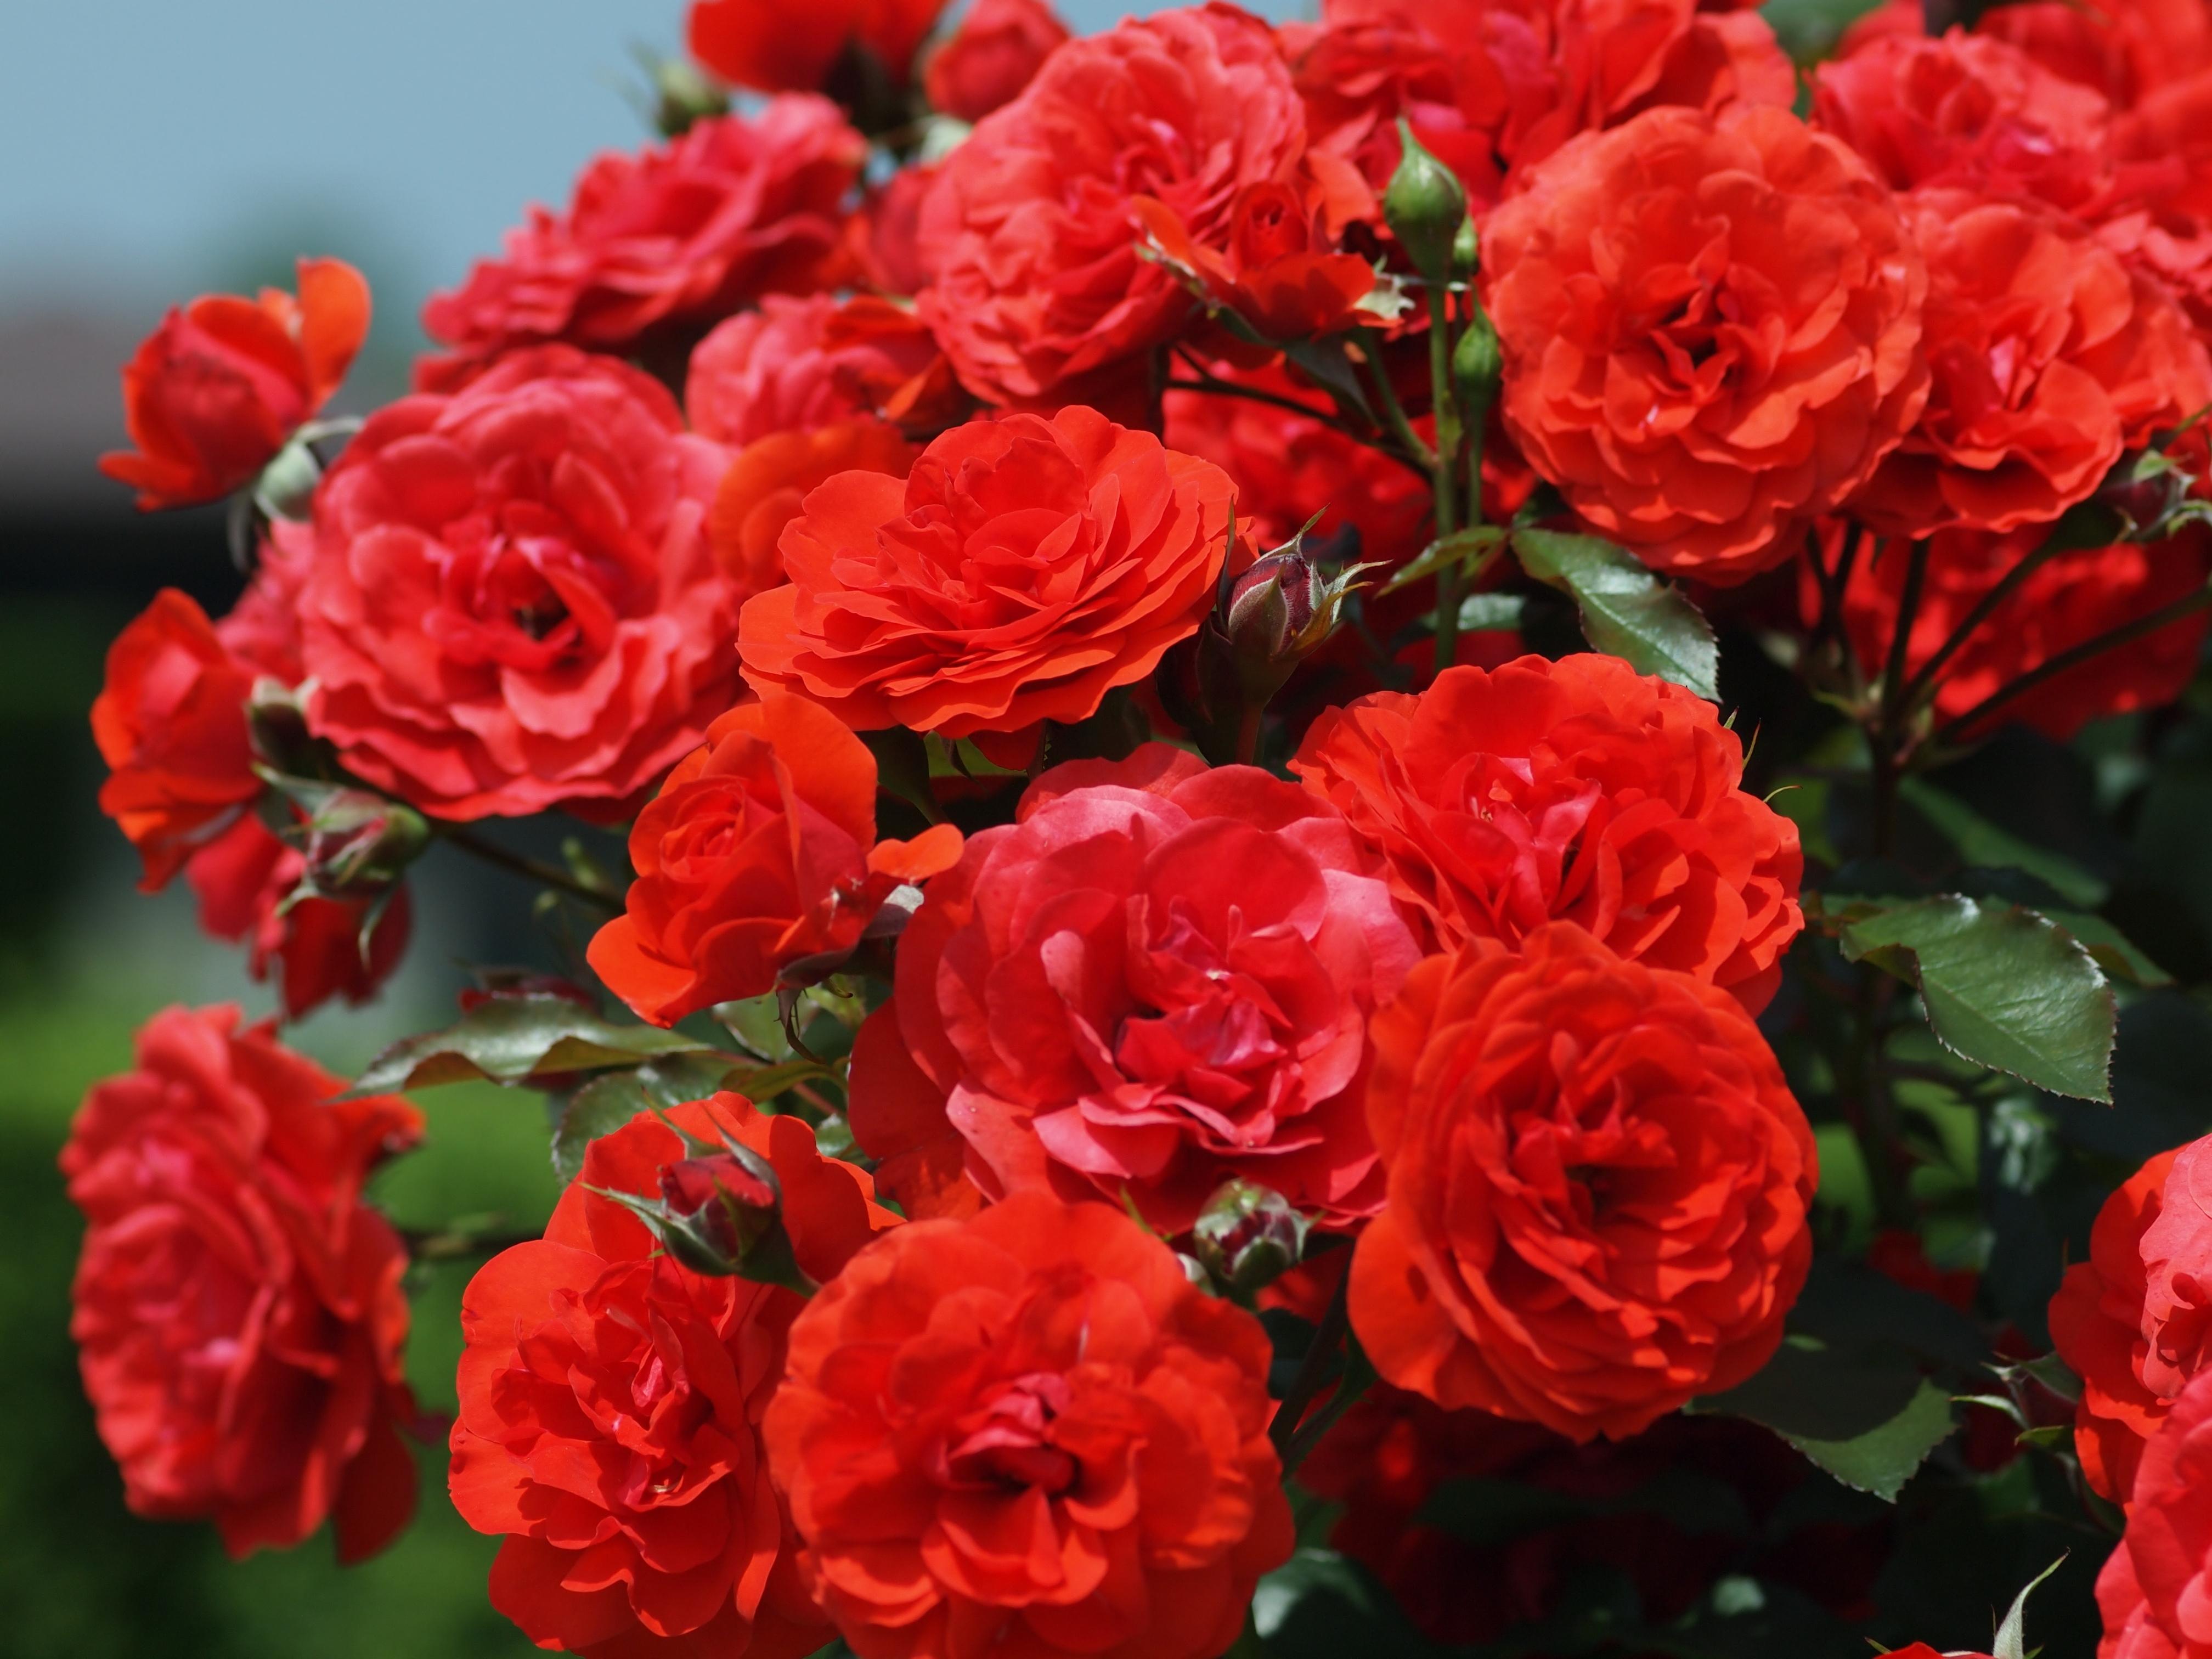 Rose rampicanti rose for Riproduzione rose